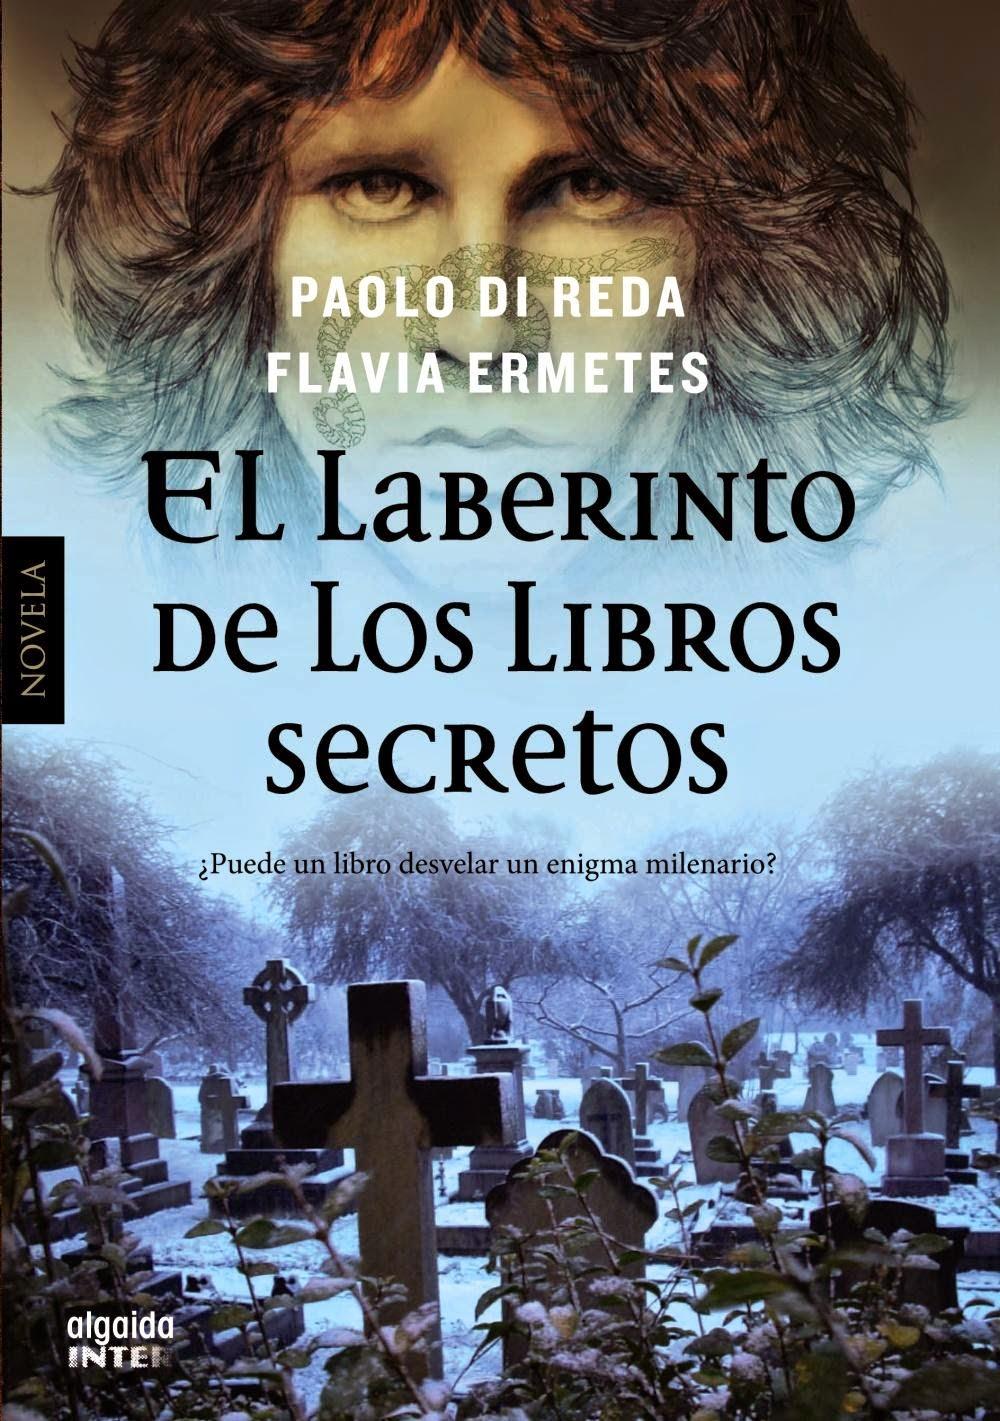 El laberinto de los libros secretos de Paolo Di Reda y Flavia Ermetes